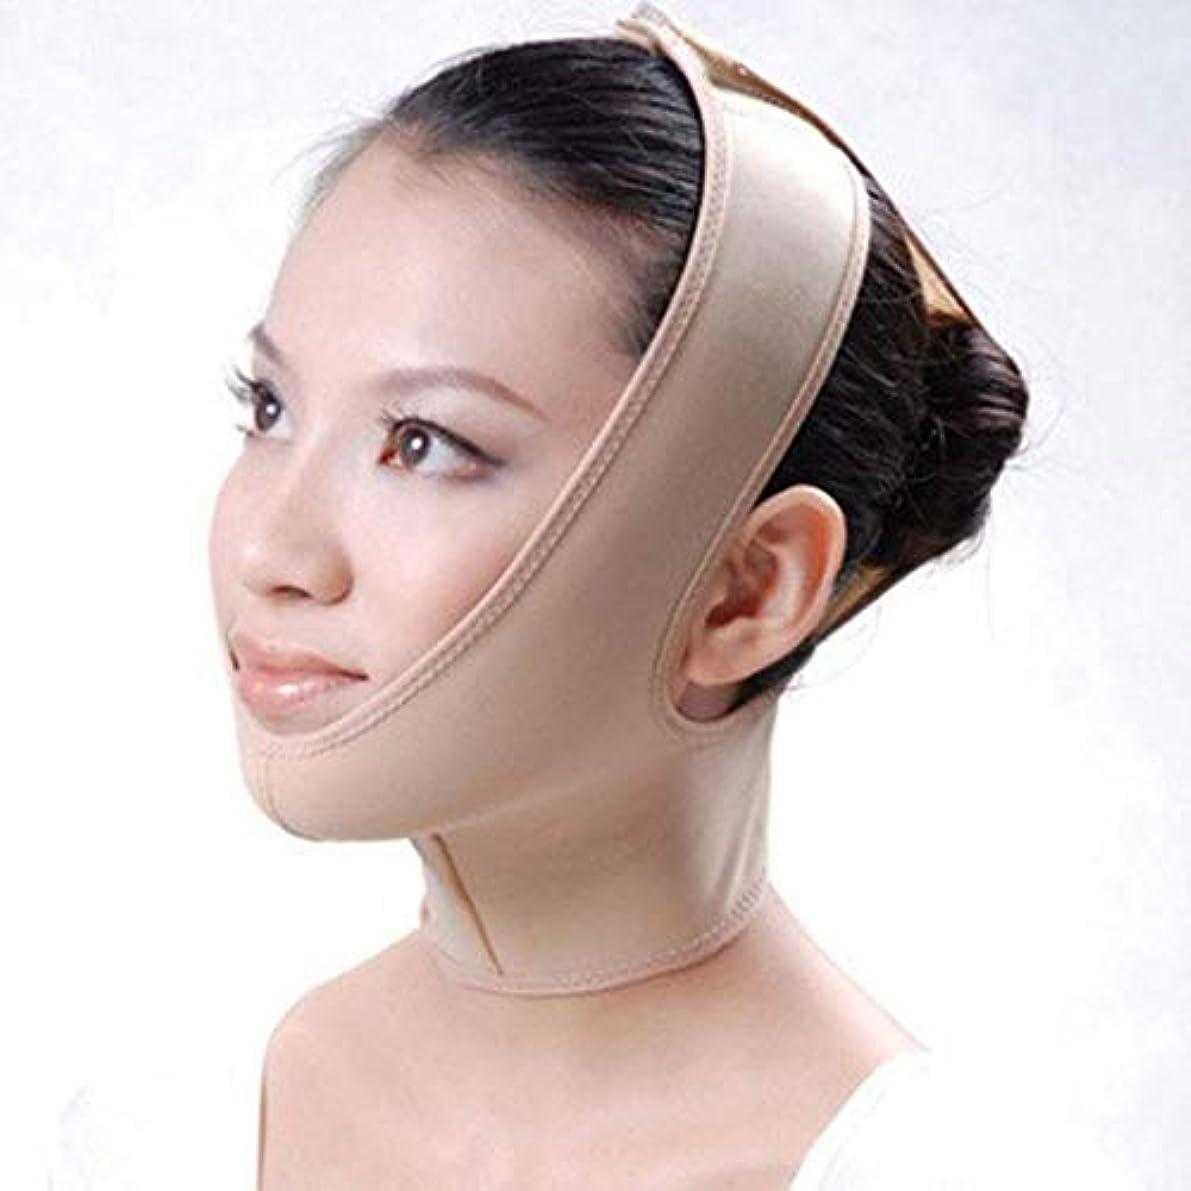 不正コカイン旅行代理店フェイスリフティングマスク、リフティングフェイス付きVフェイス、ラインリフティング包帯、ほっそりスリム、痩身のあごのマスク/あごの通気性のあご (XL)